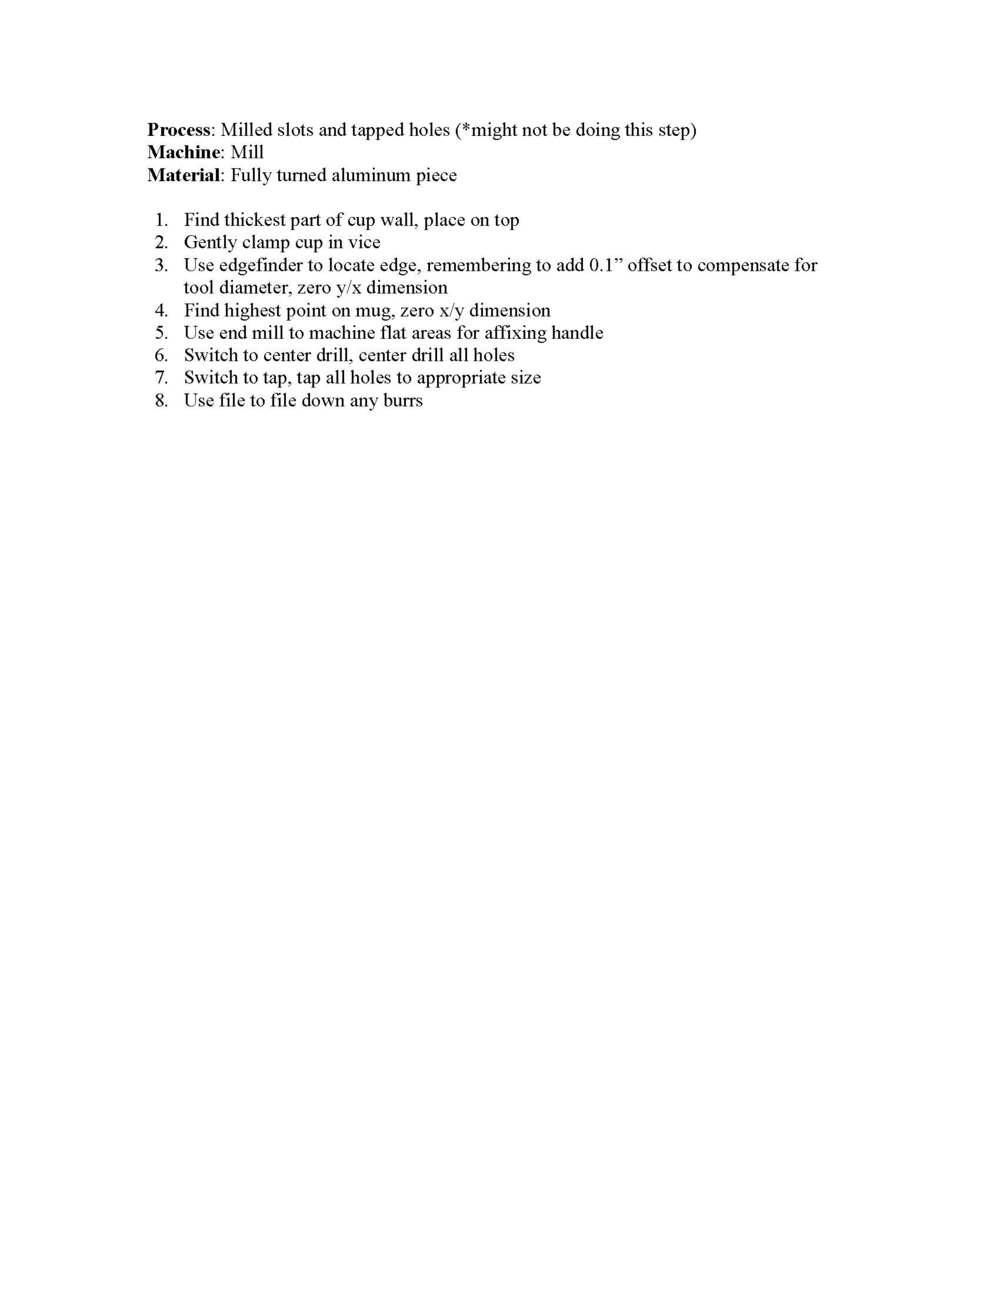 ManufacturingPlan_Page_5.jpg